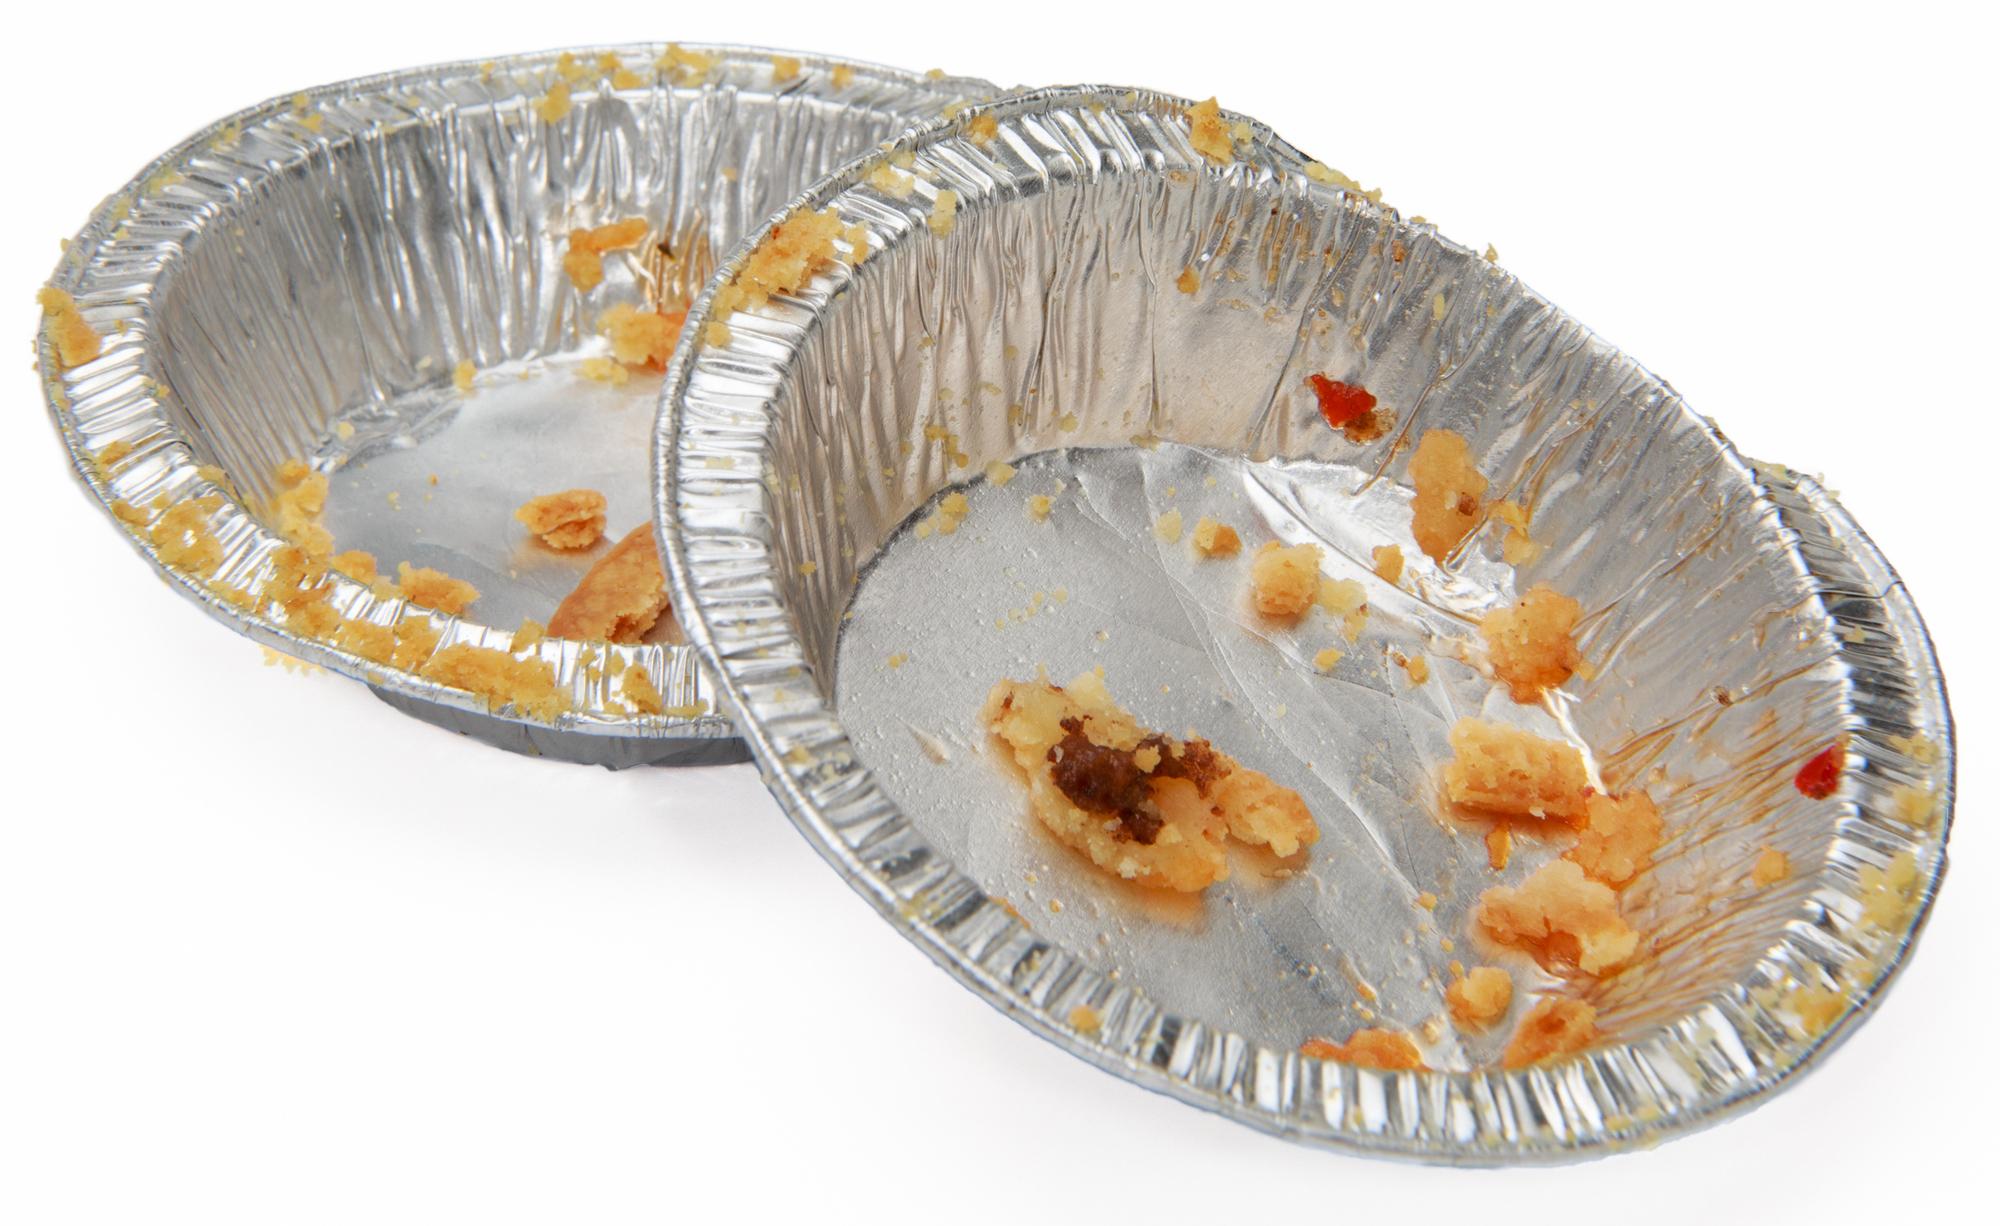 Soiled Foil Pans